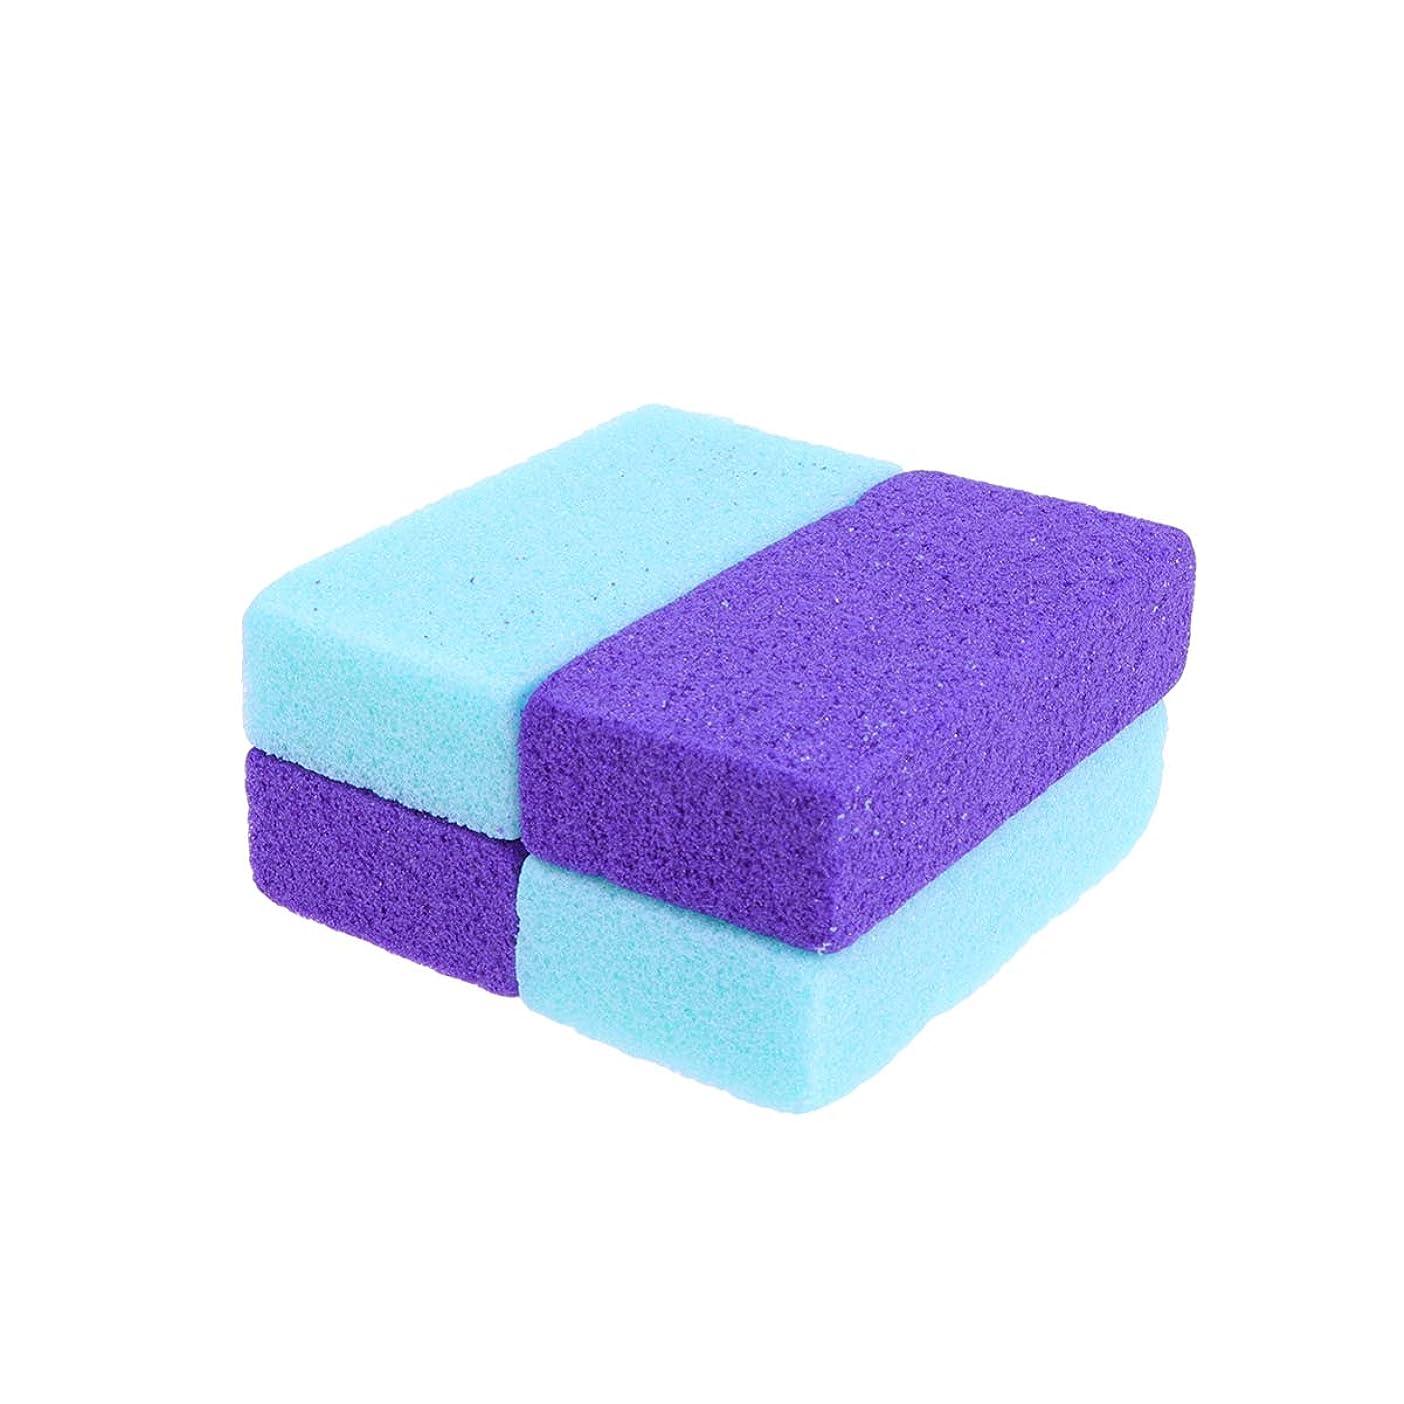 量展示会バトルSUPVOX 4ピース軽石石カルスリムーバー用足かかとペディキュア剥離自然足ファイル剥離ツール手ボディ